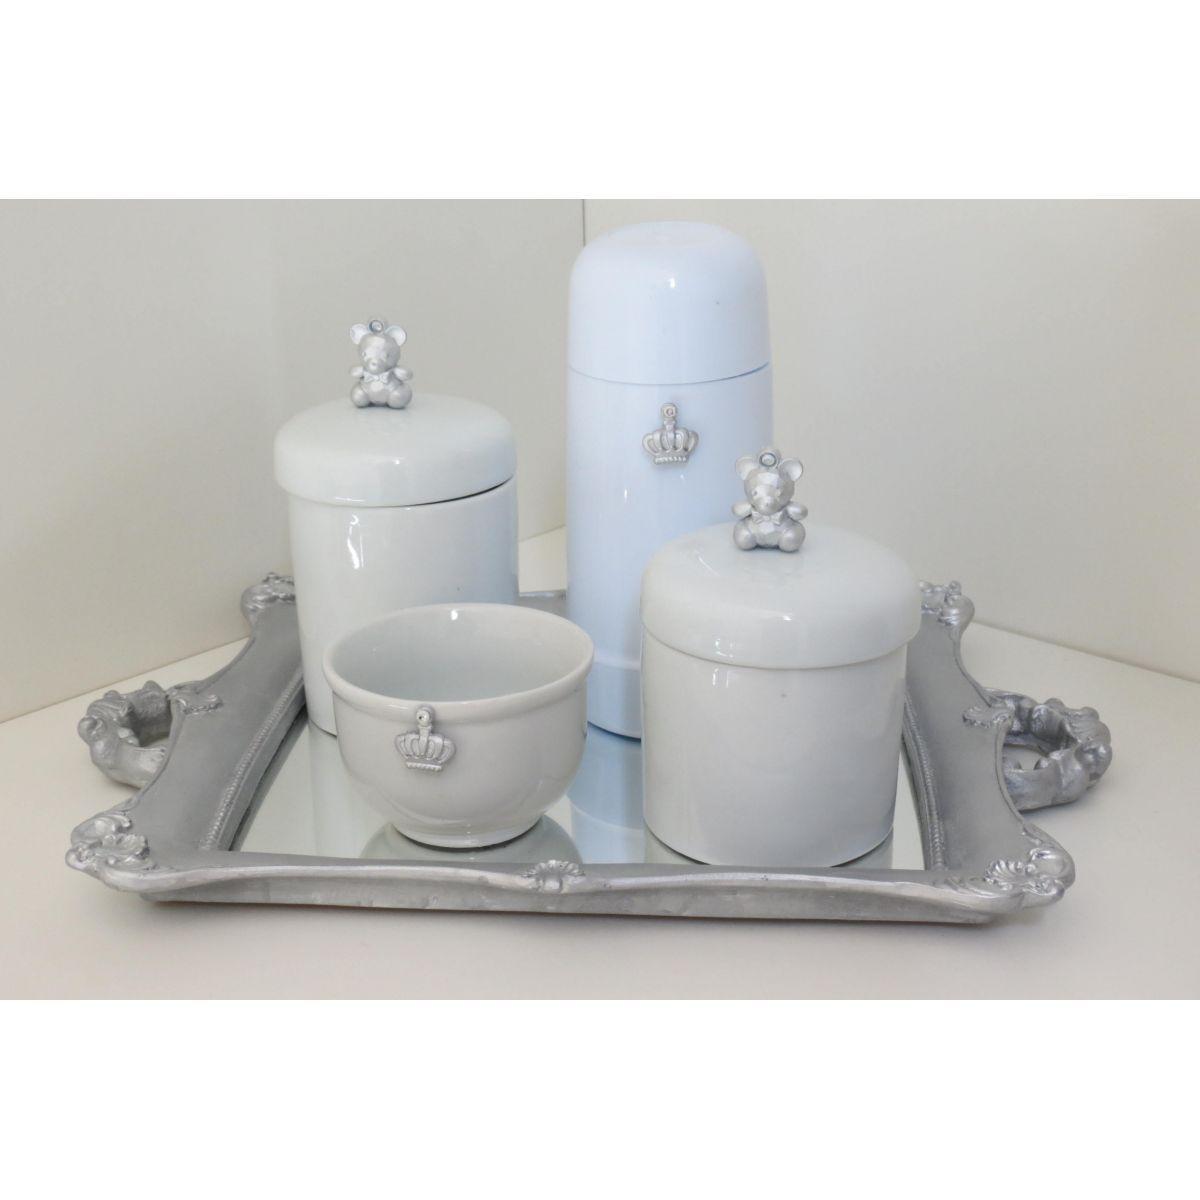 Kit Higiene 5 Pcs